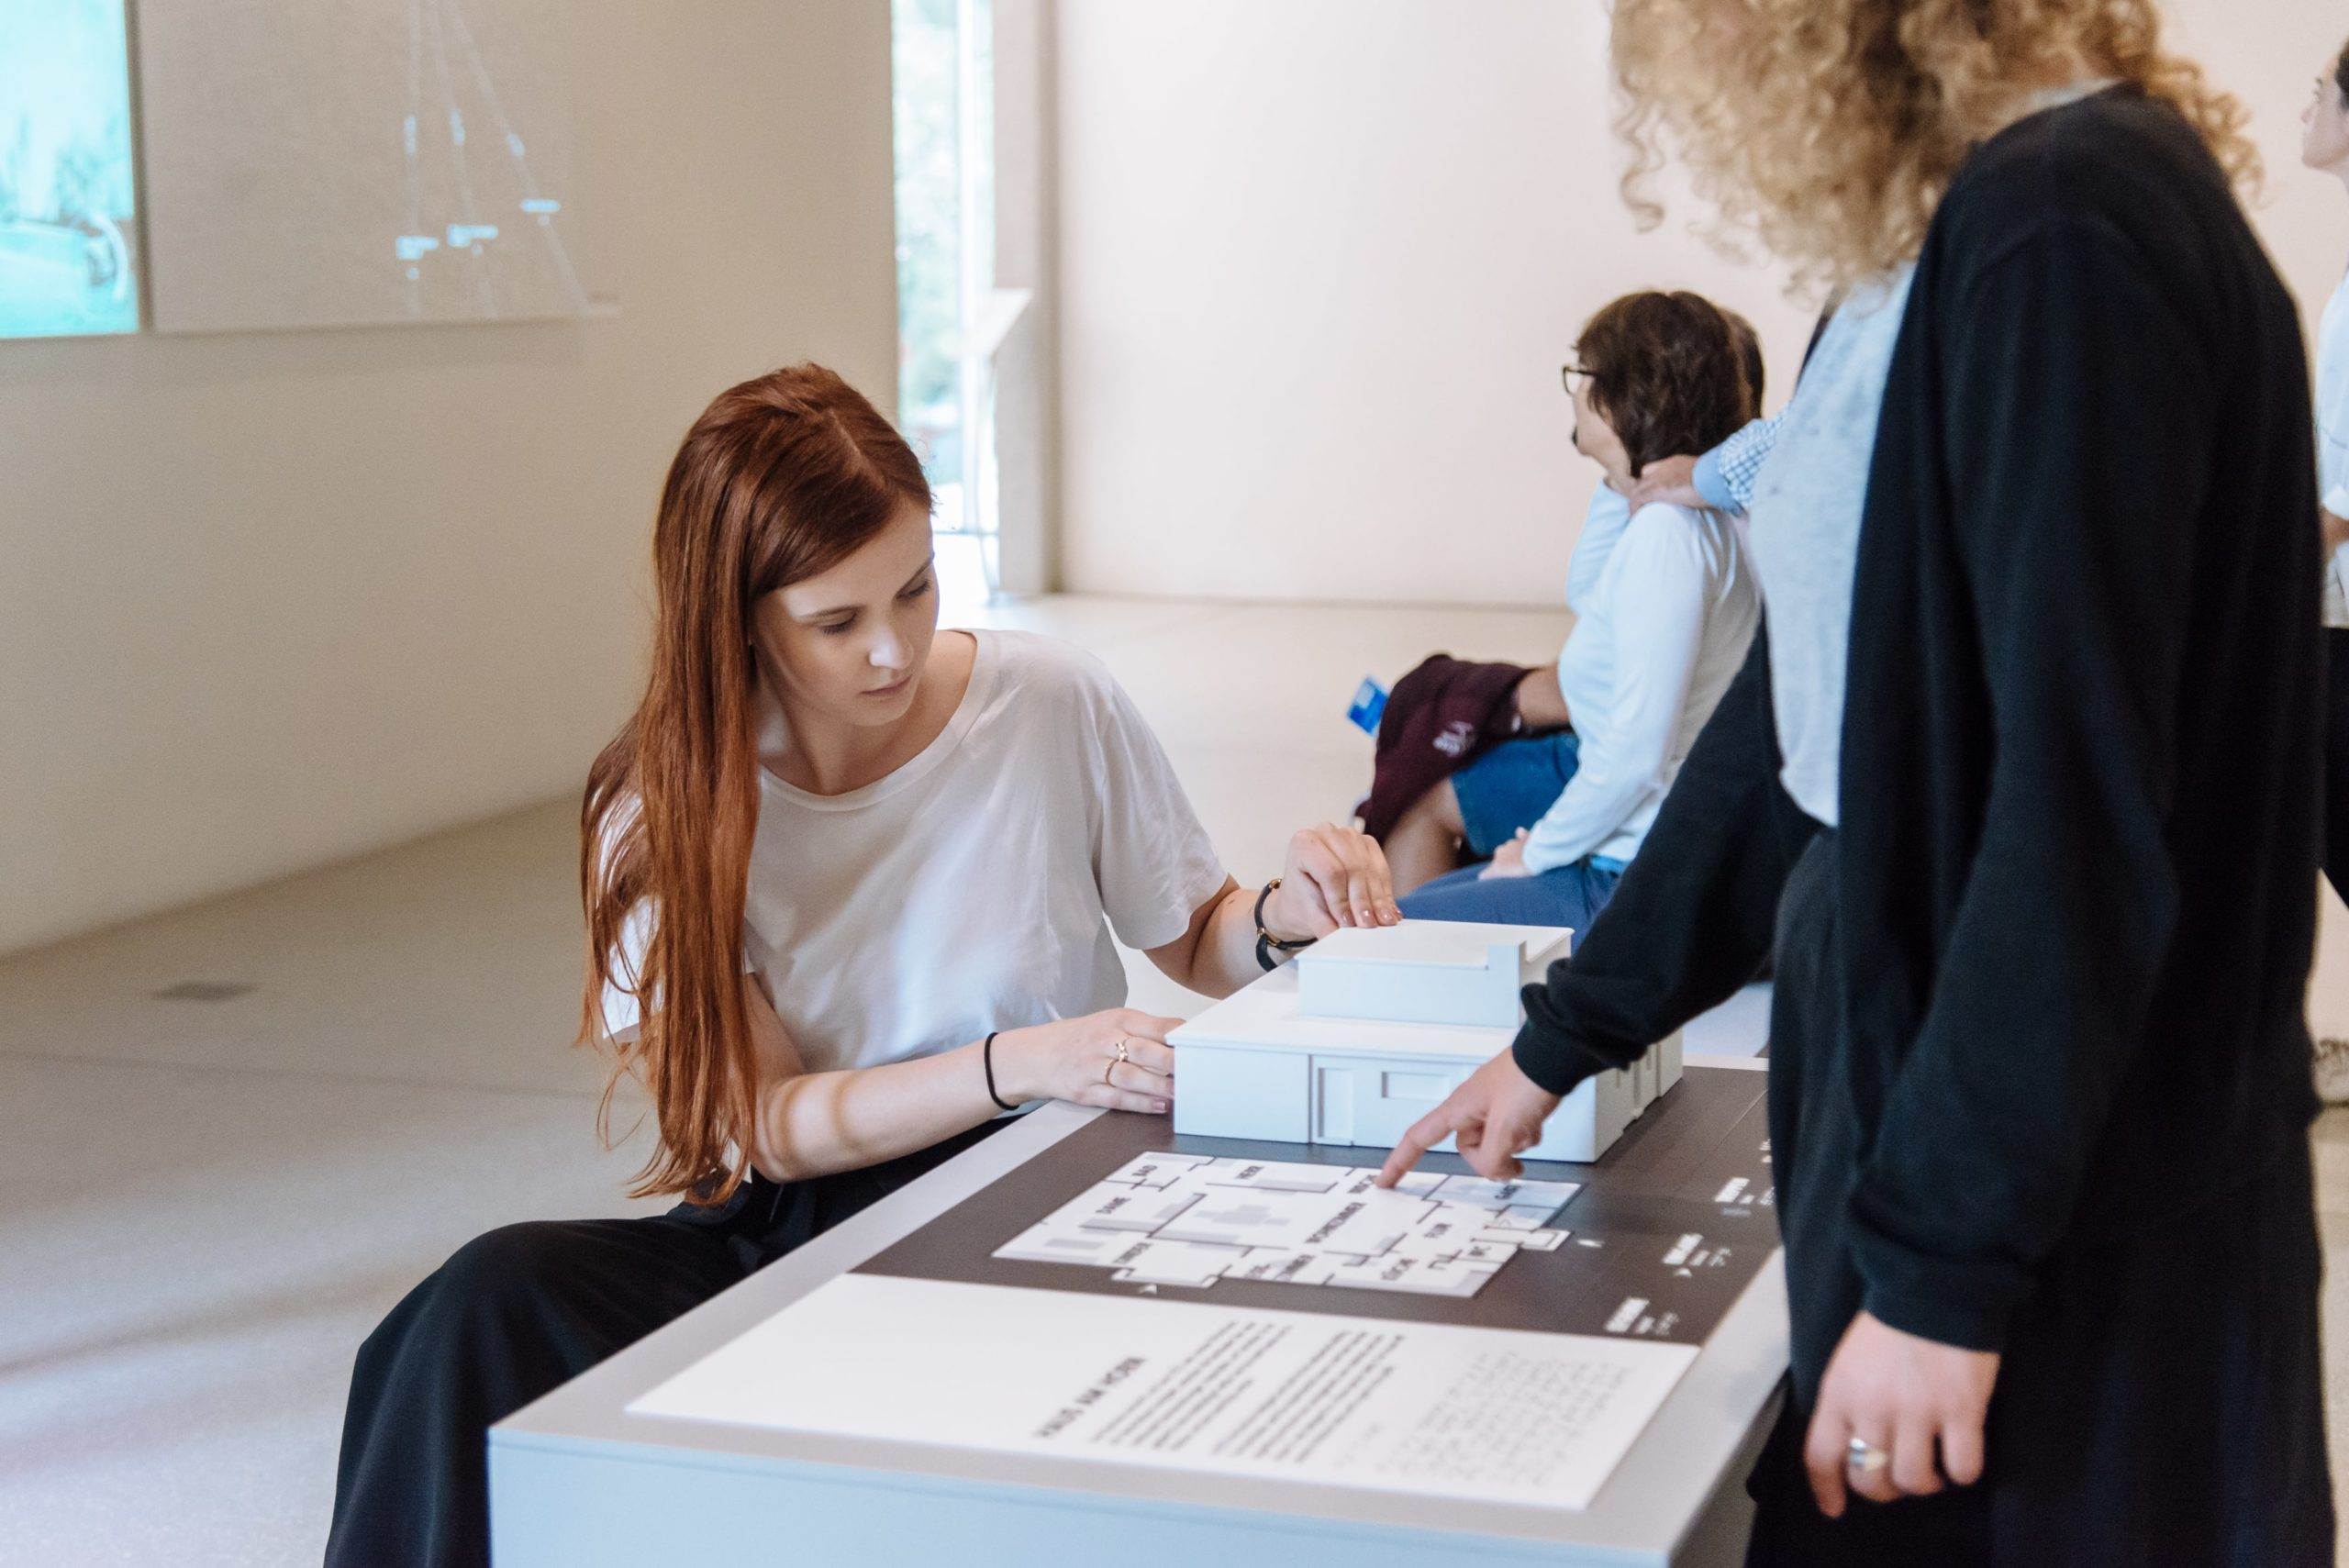 Plaidoyer pour des musées toujours inclusifs après le Covid-19